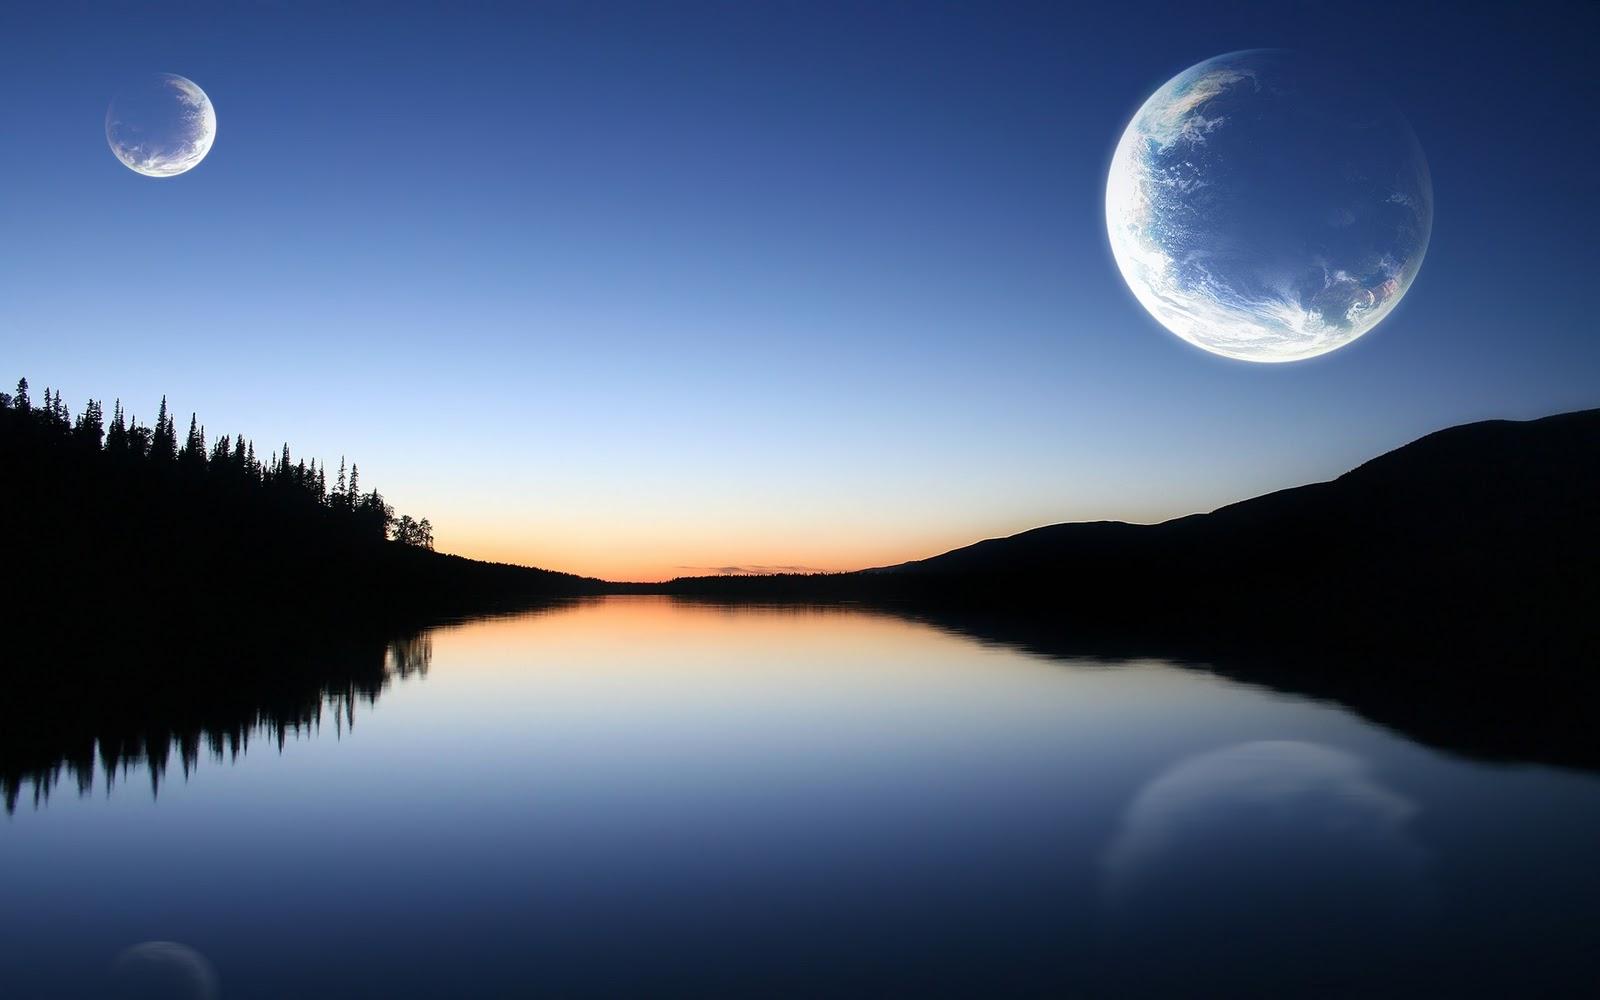 ผลการค้นหารูปภาพสำหรับ ภาพดวงจันทร์สองดวง